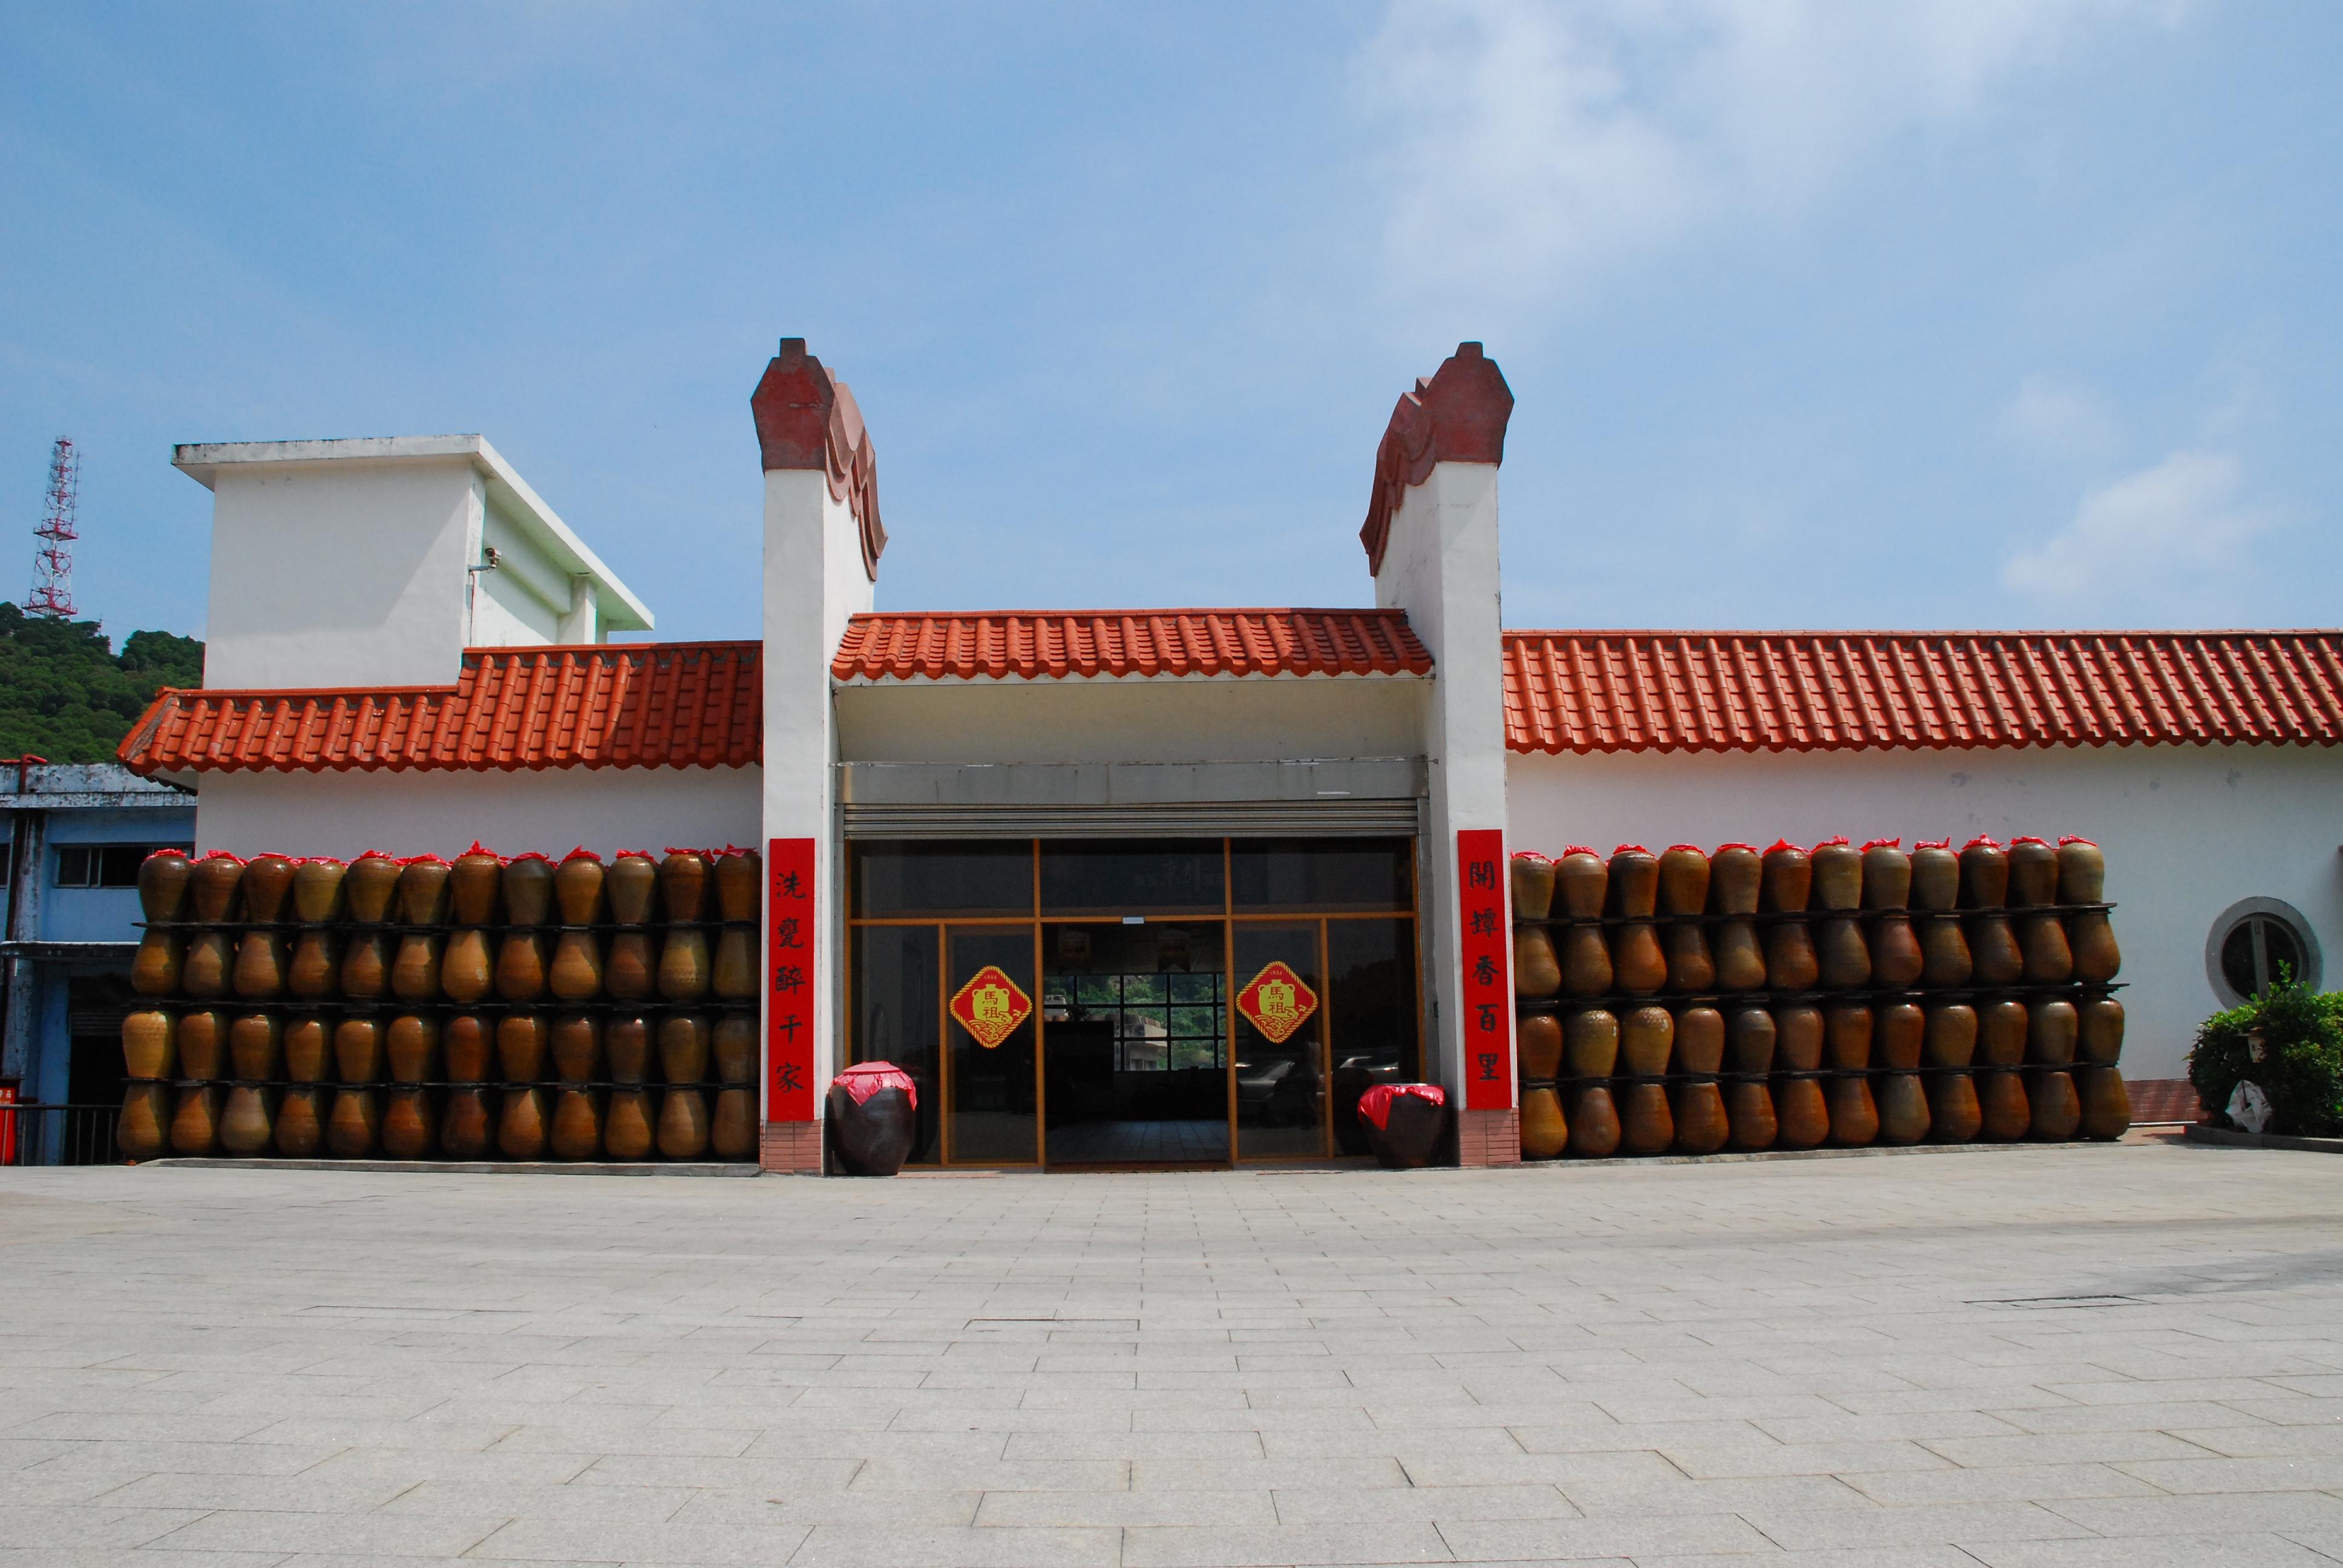 馬祖酒廠主建物外觀